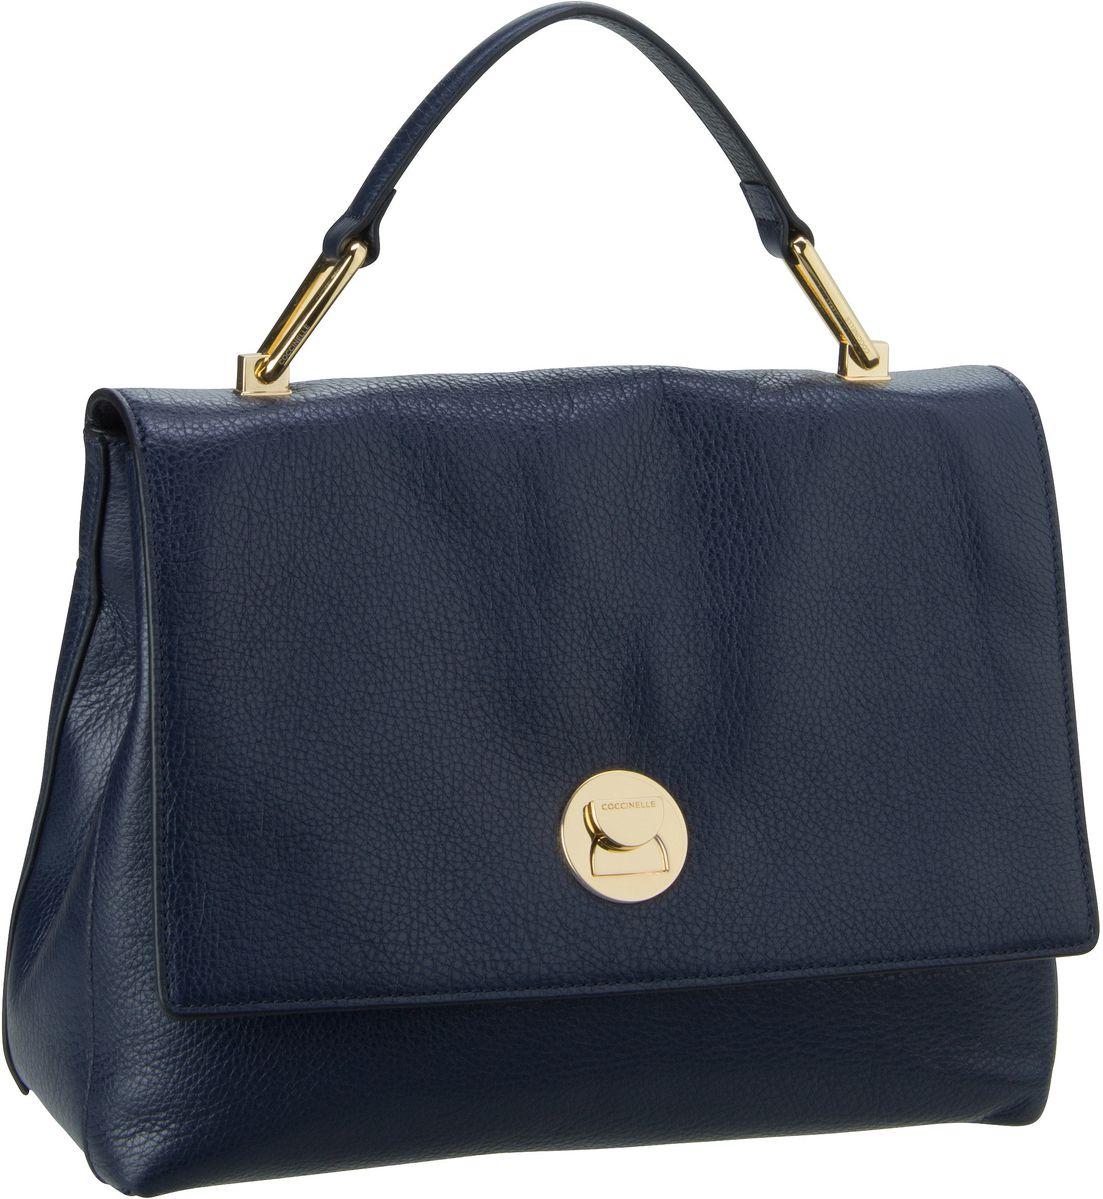 Handtasche Liya 1801 Bleu/Noir (innen: Schwarz)